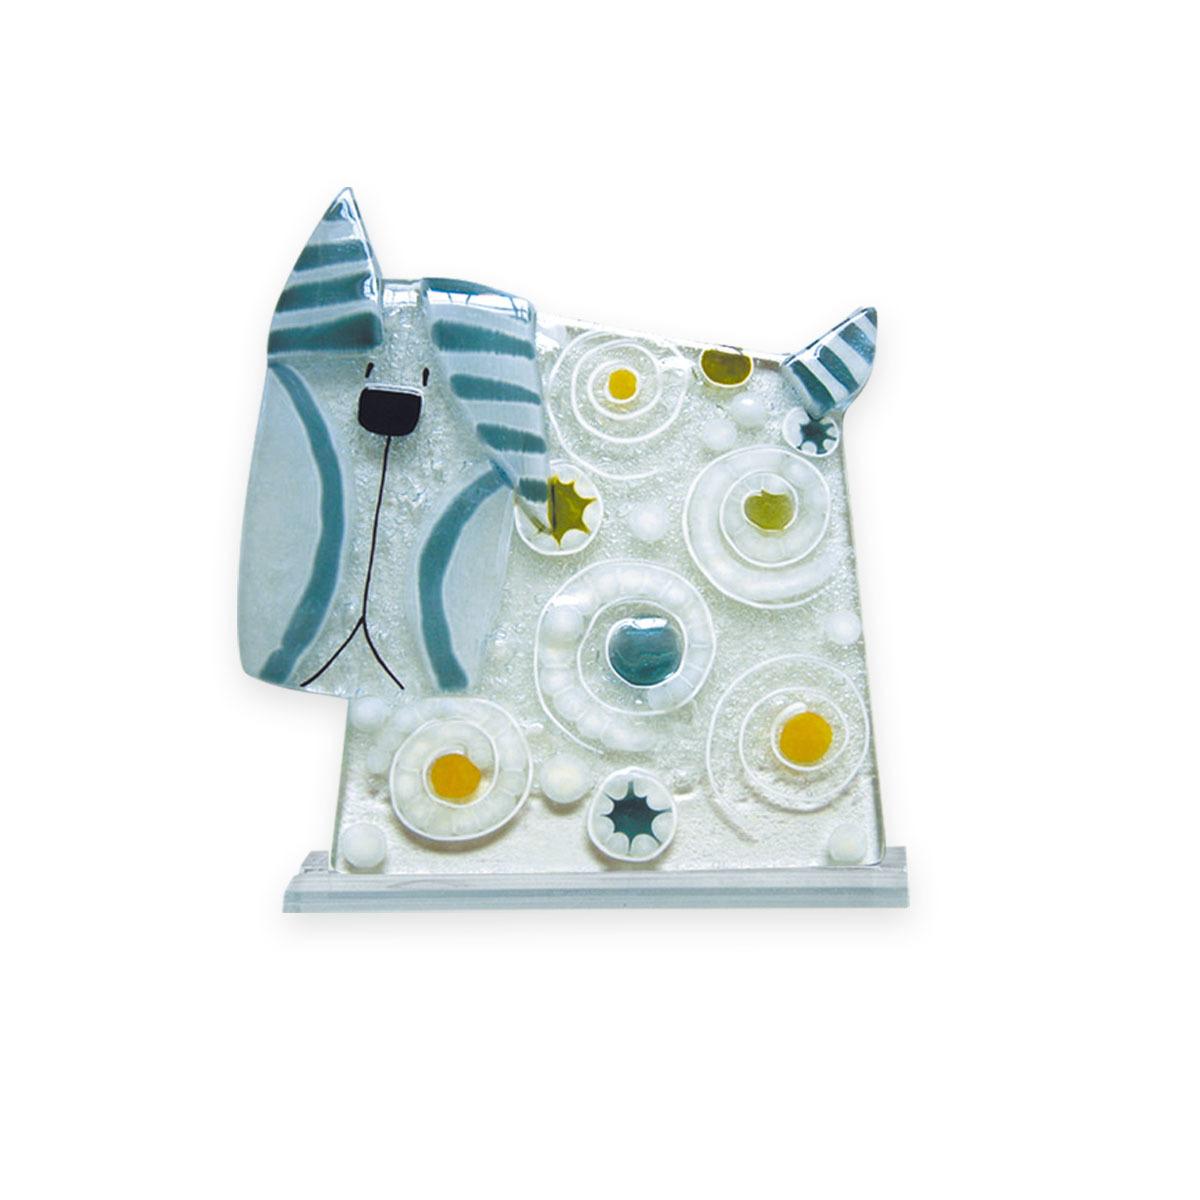 Nobile Fused Glass Dog -Stripes & Spots Blue 184